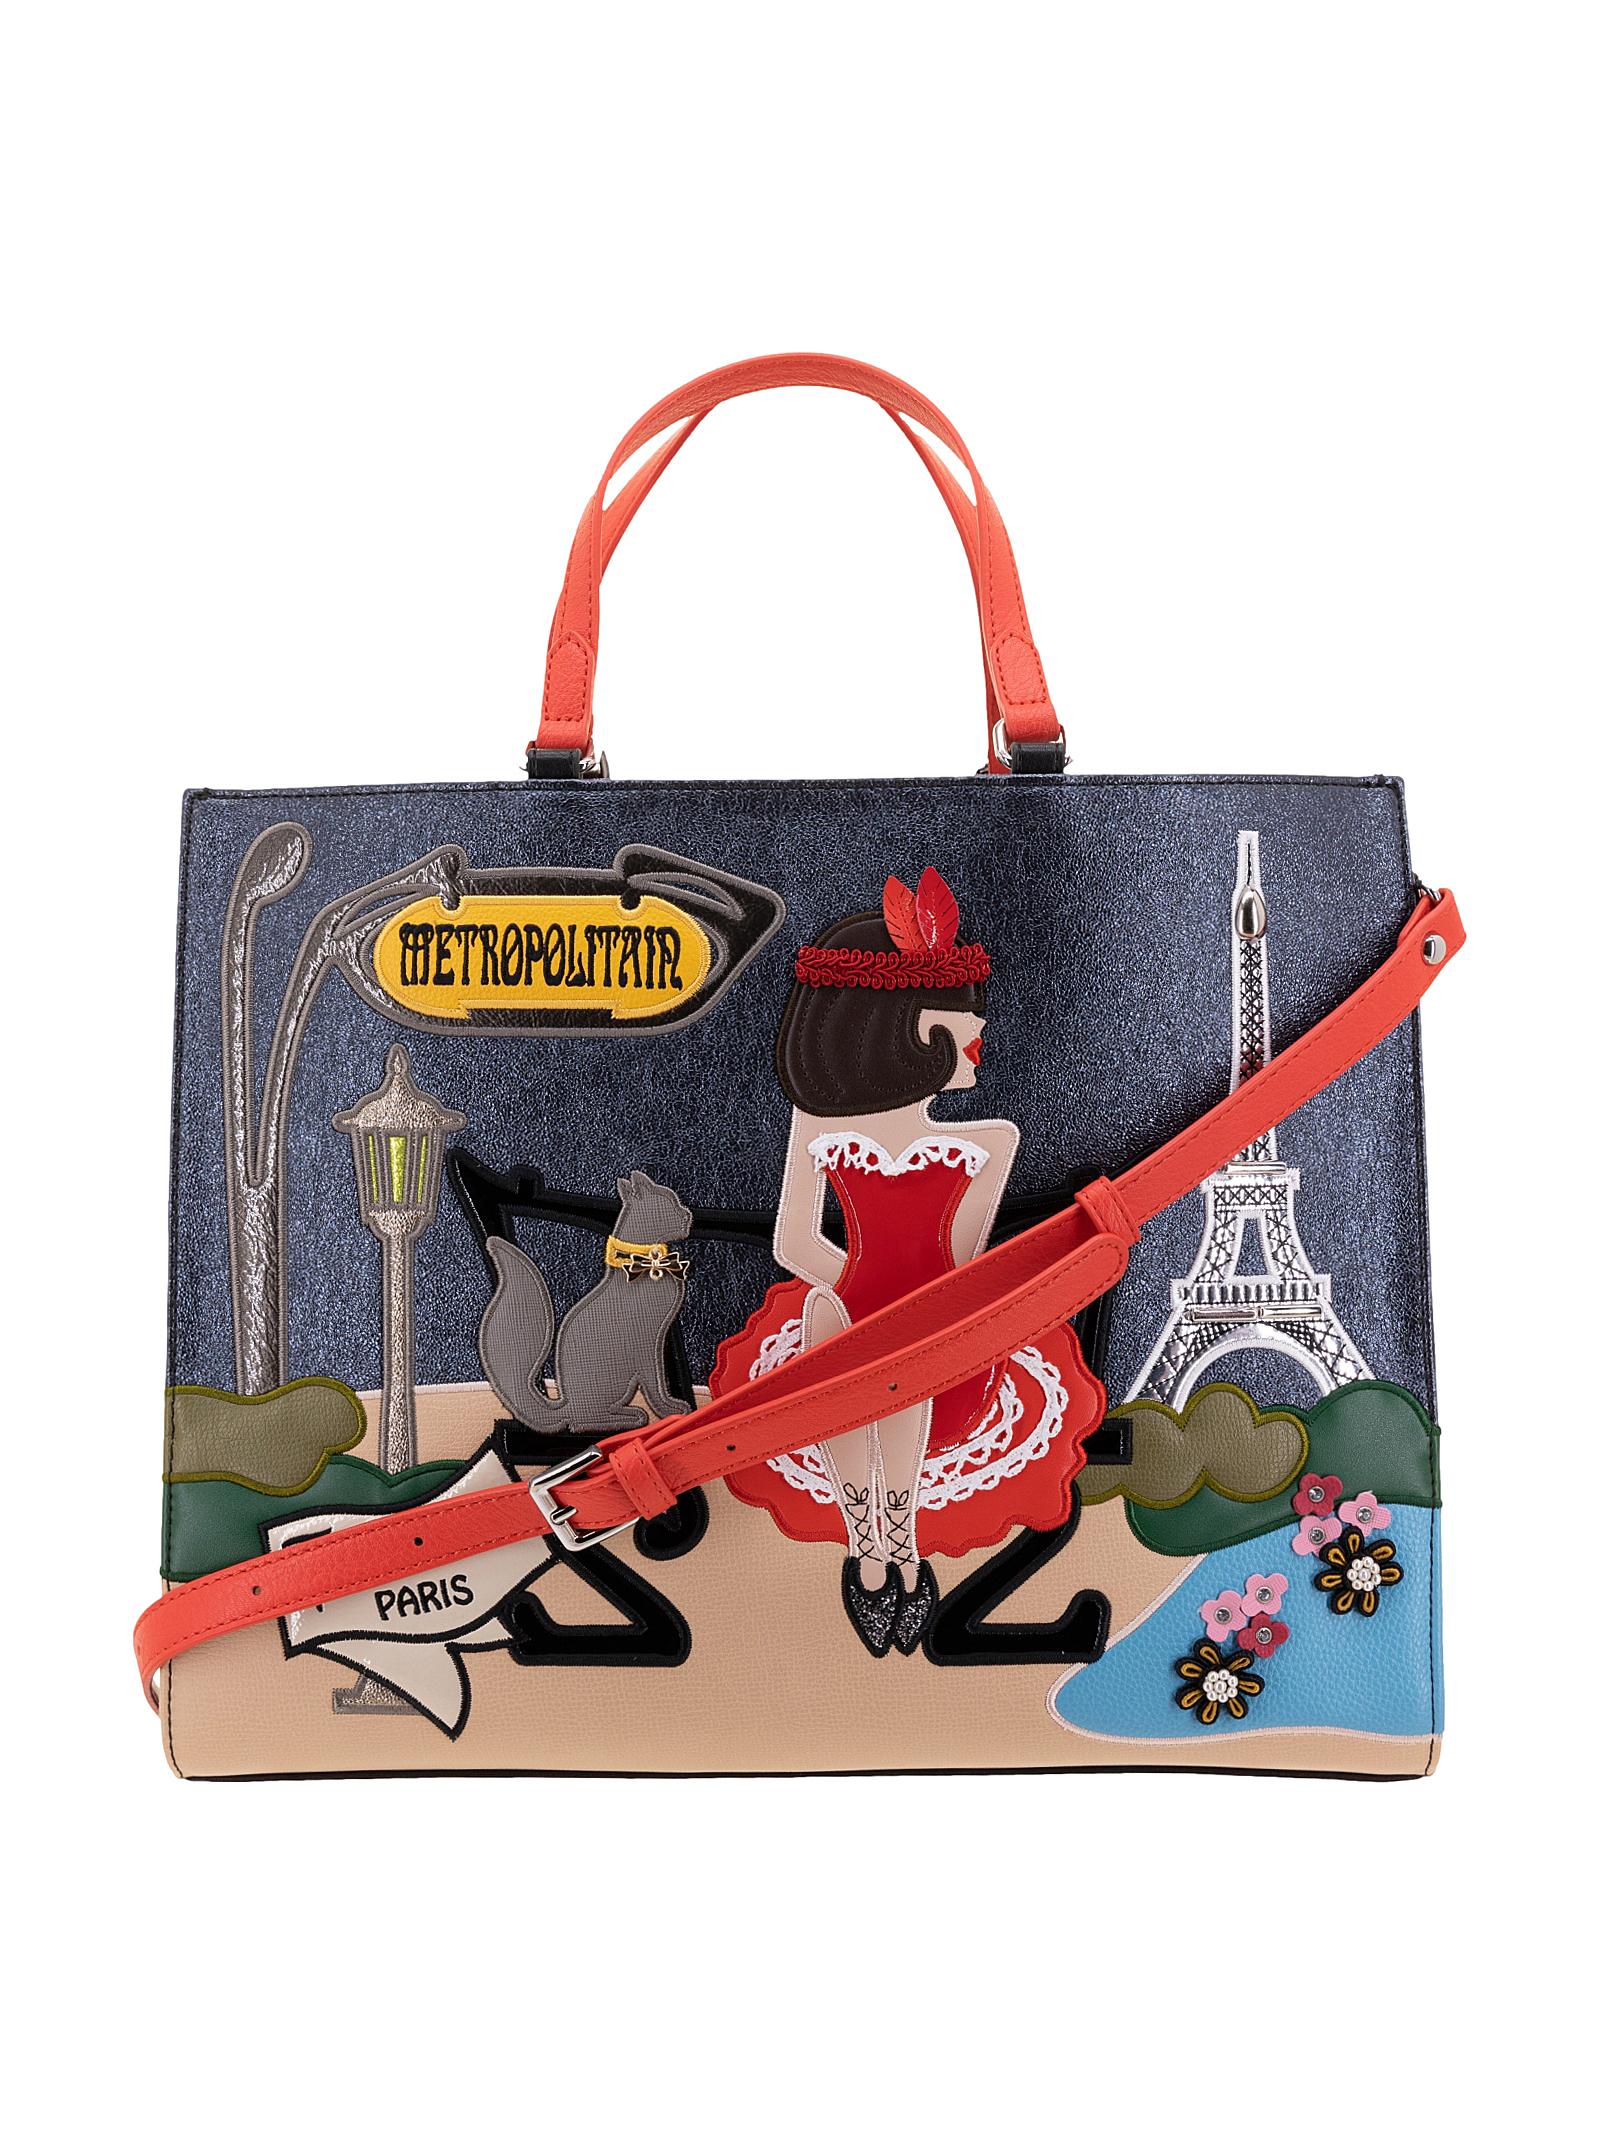 Braccialini Borsa a Mano Cartoline Parigi